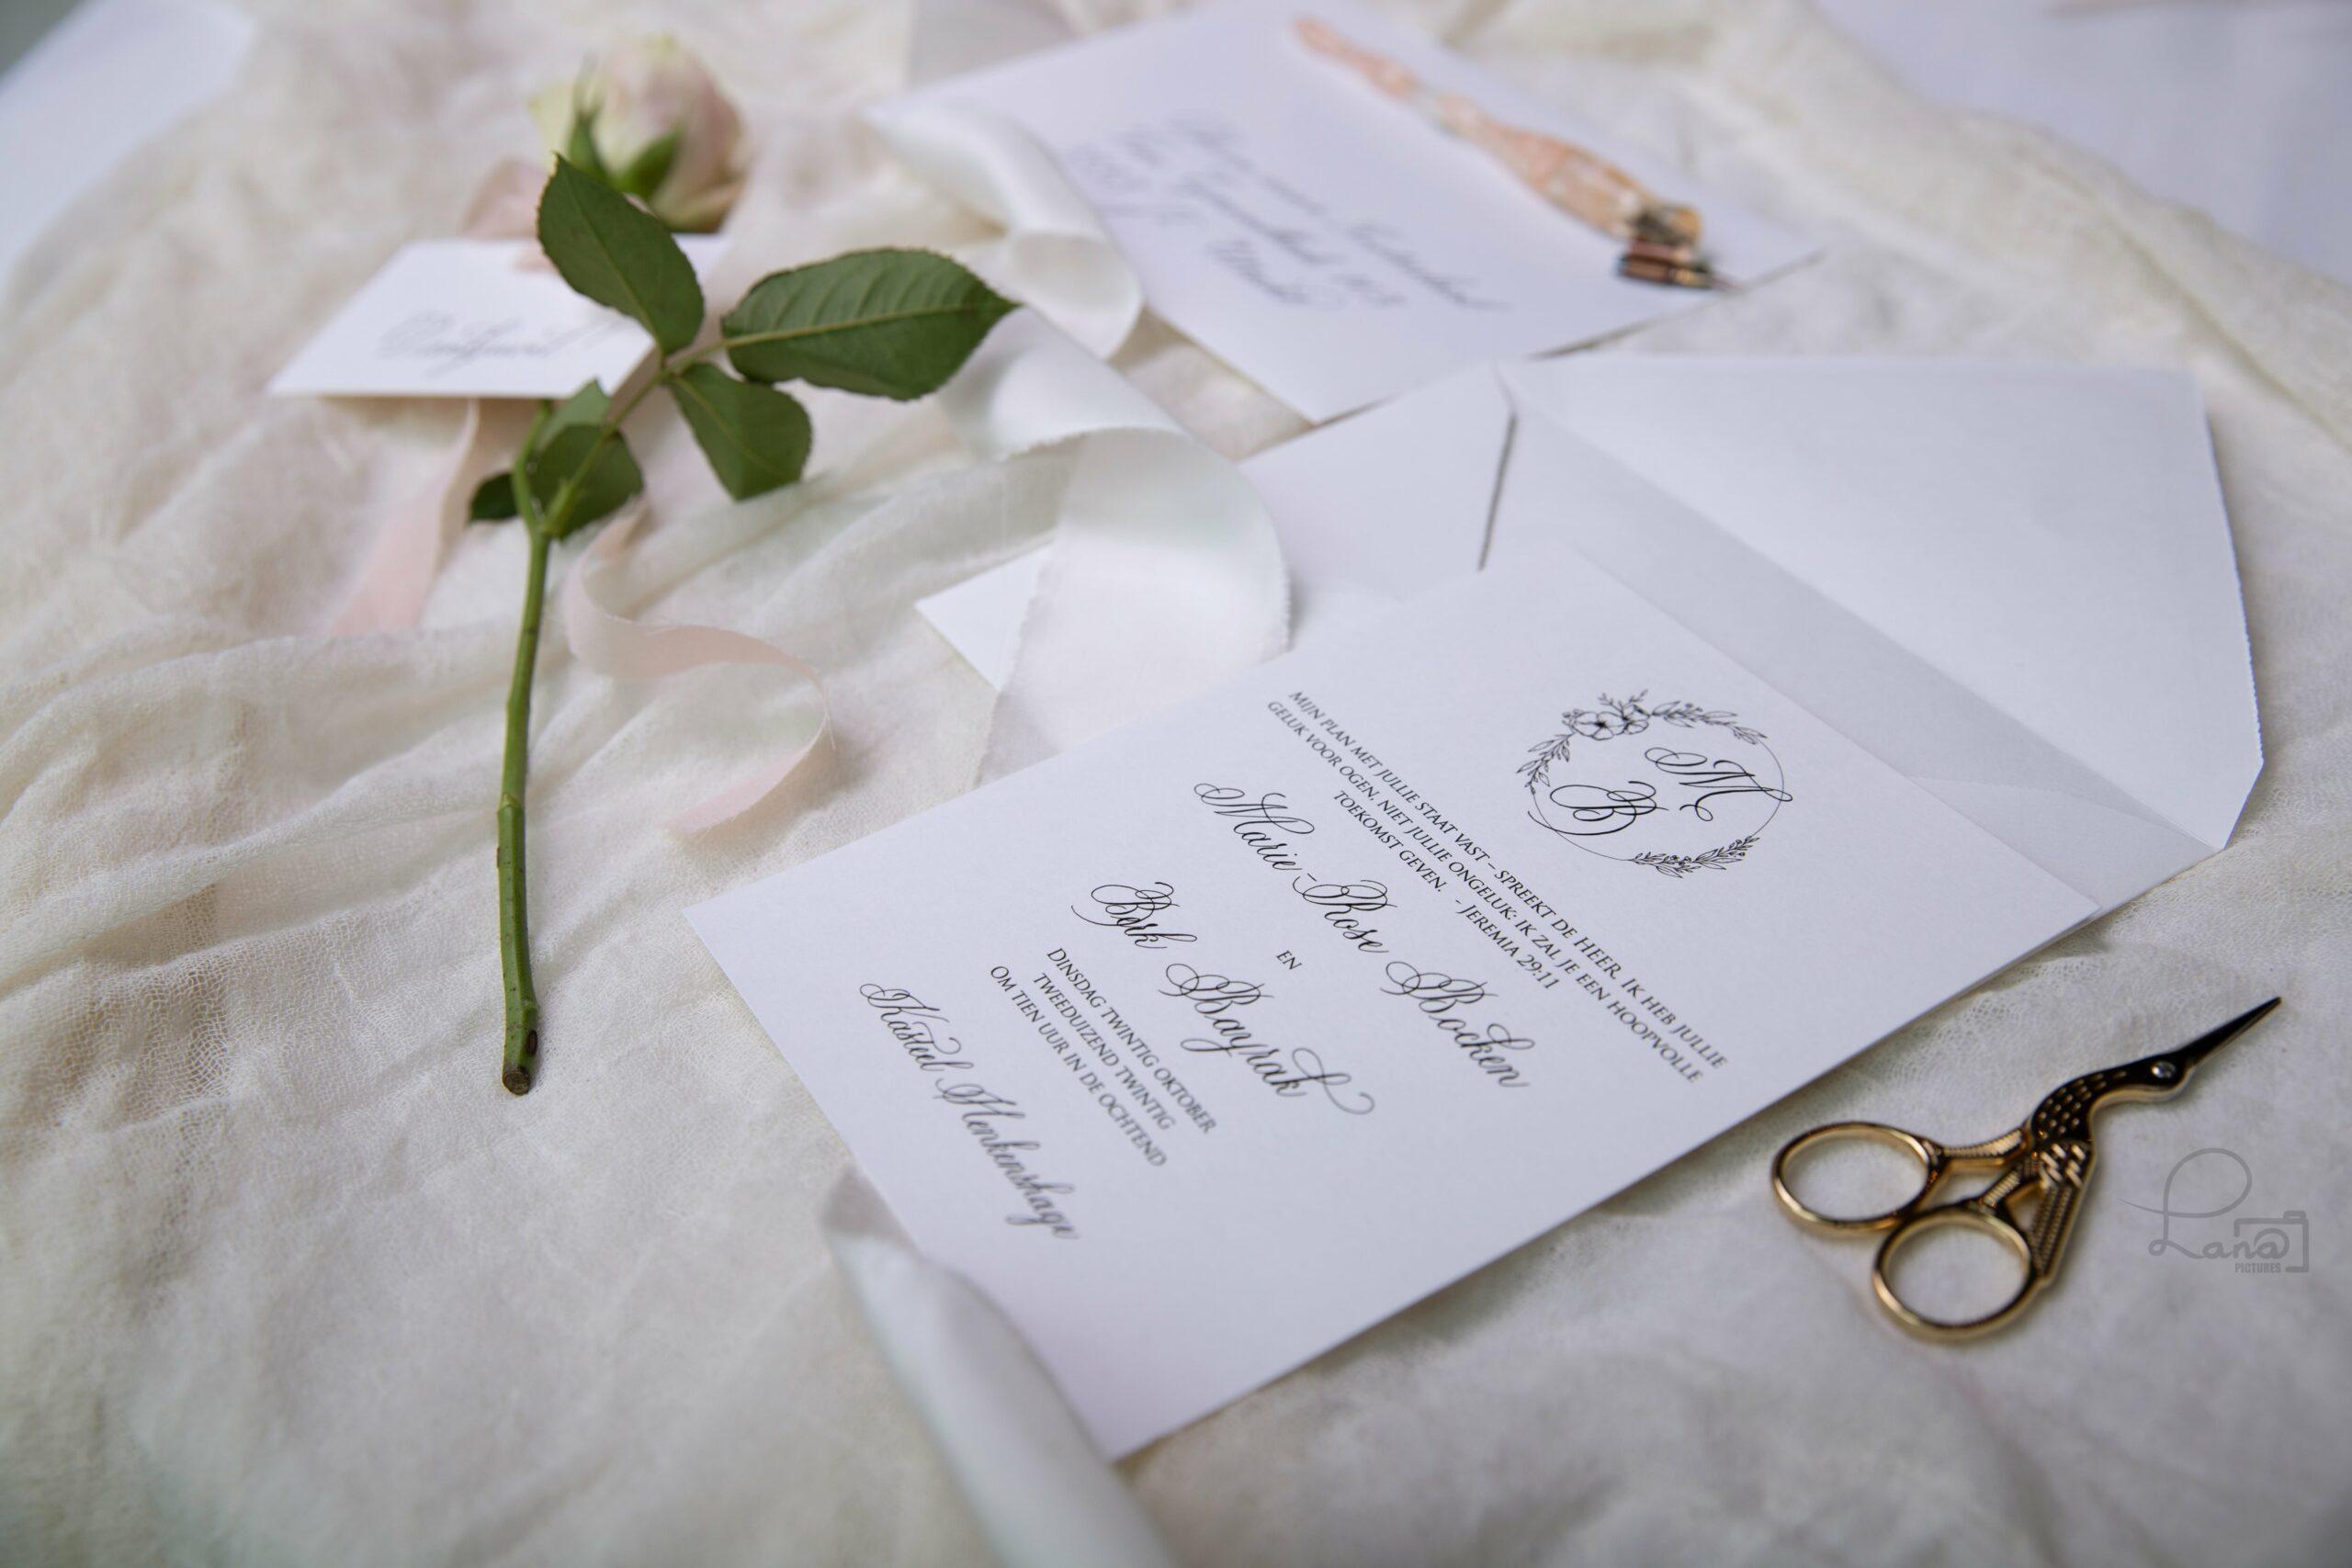 uitnodiging met klassieke kalligrafie en trouwlogo